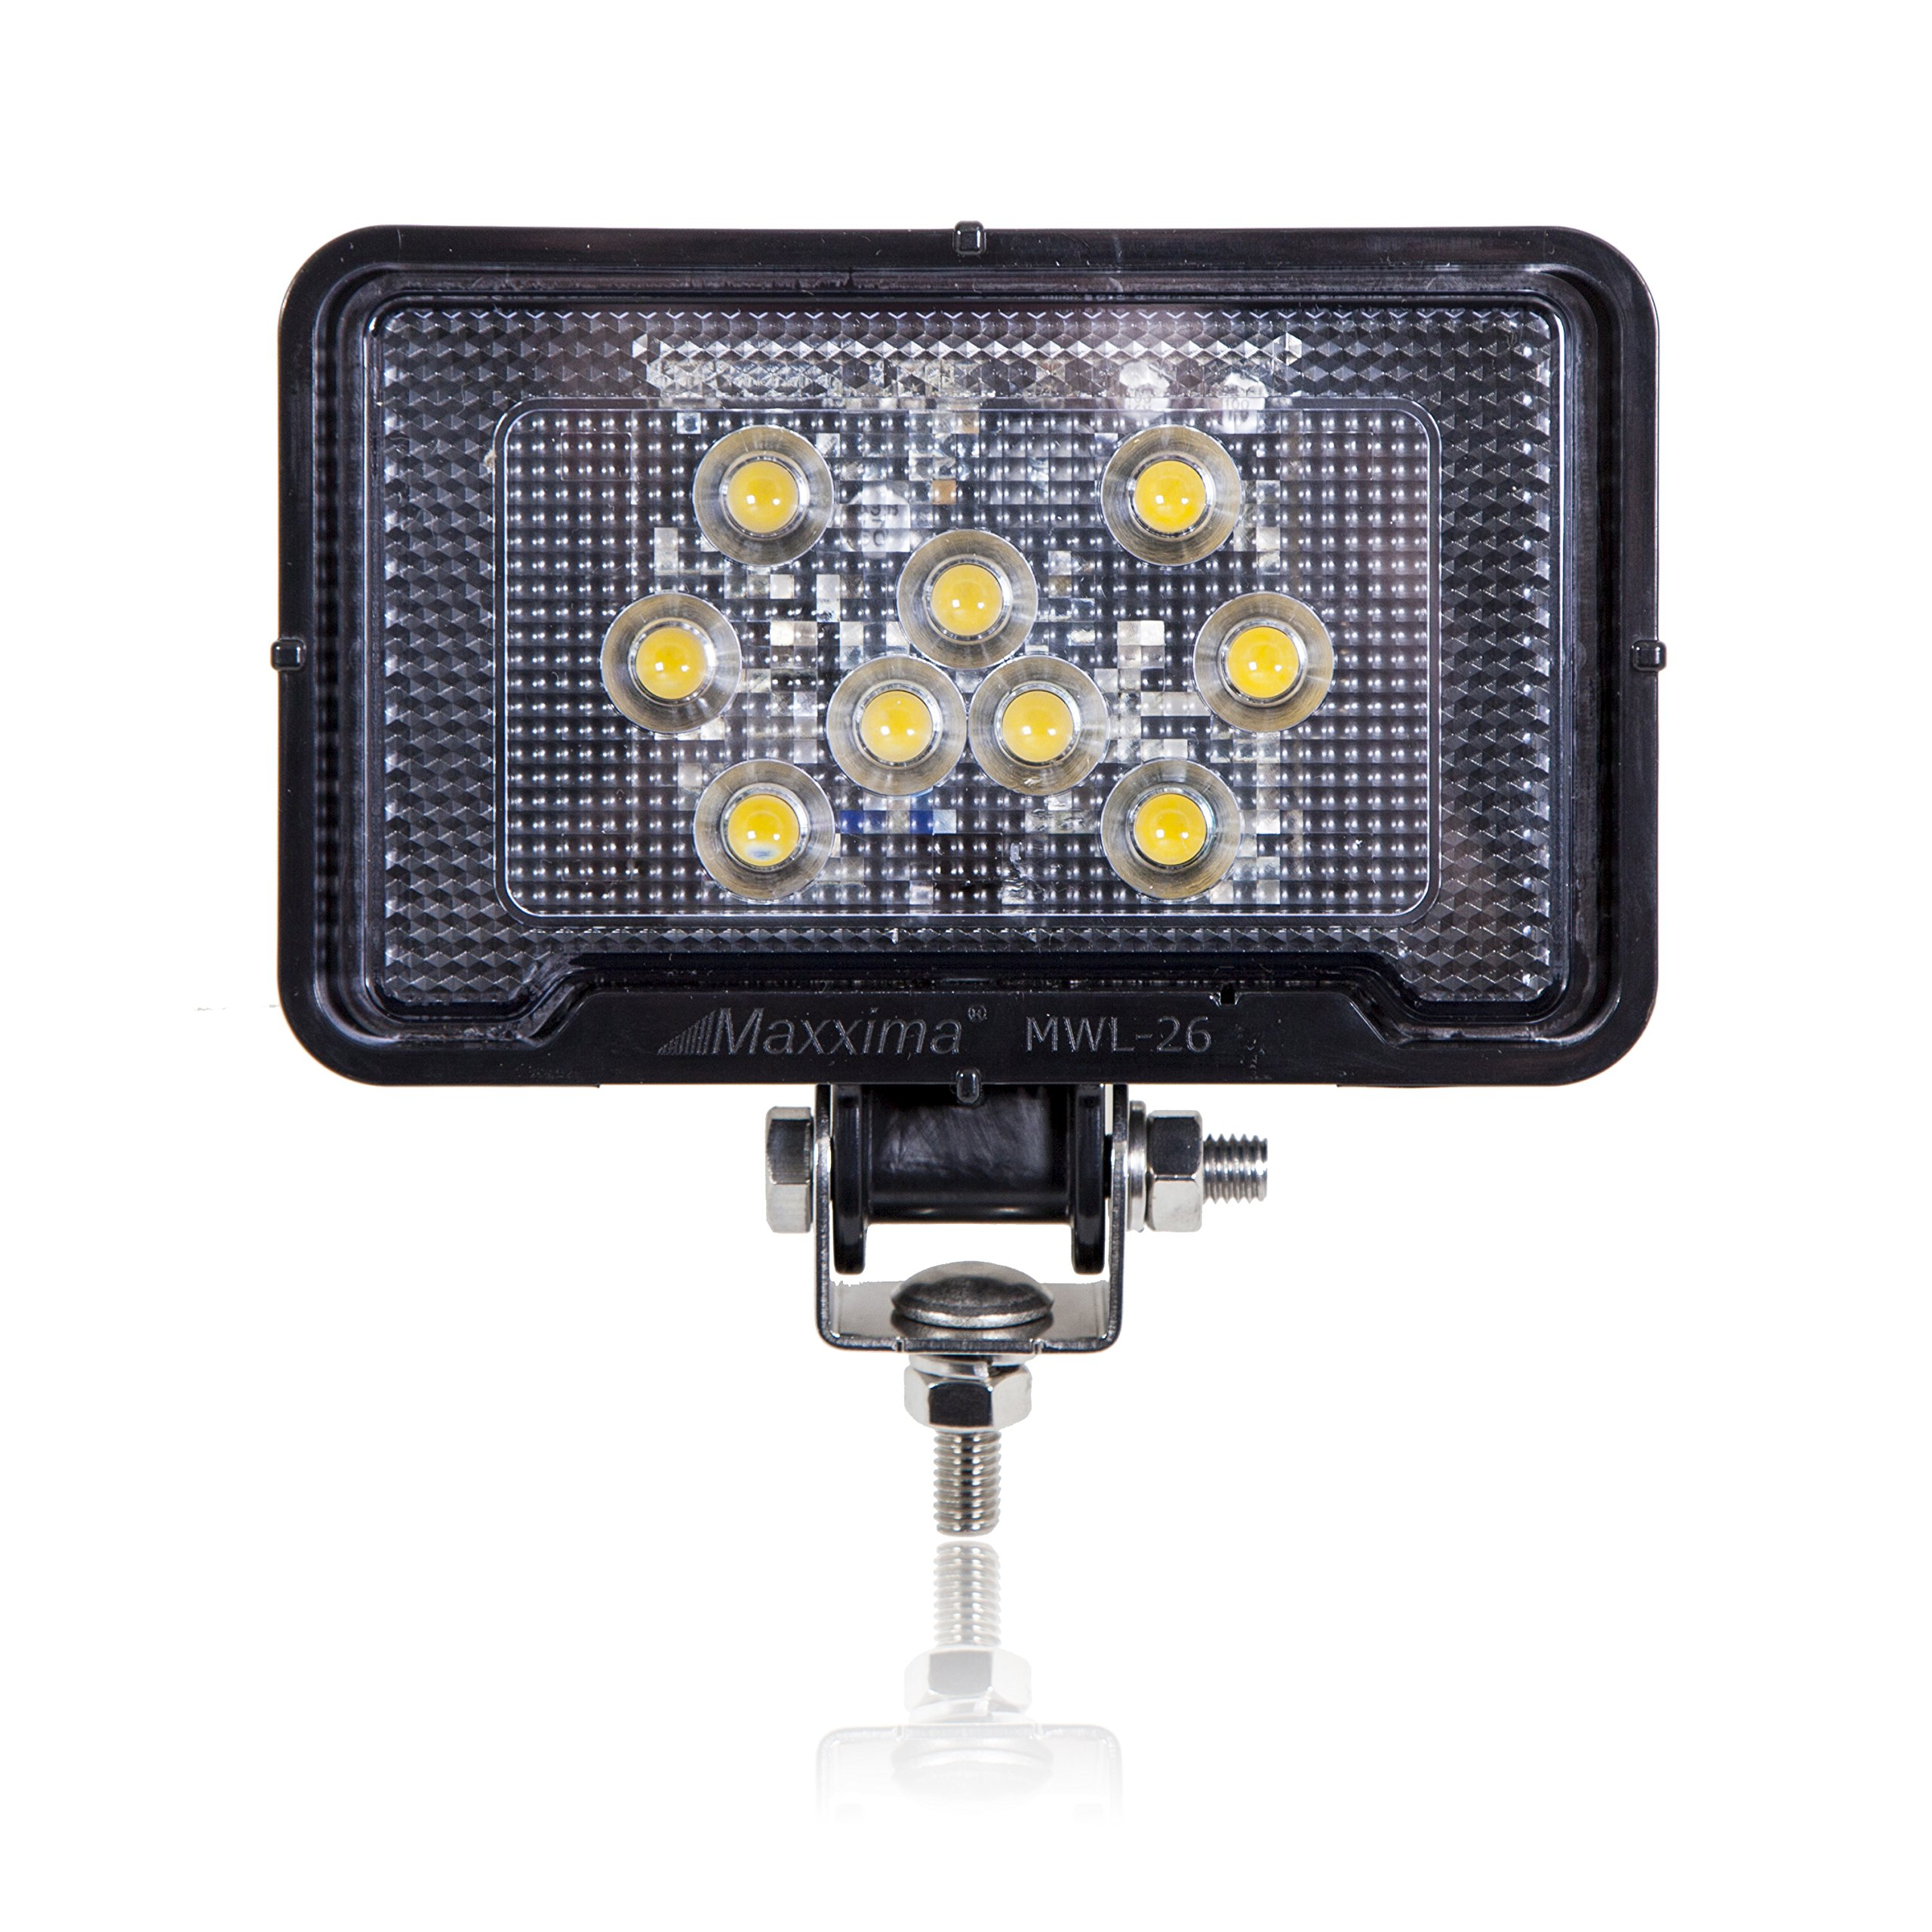 Maxxima MWL-26 9 LED Rectangular Super Light Weight Compact Work Light 500 Lumens